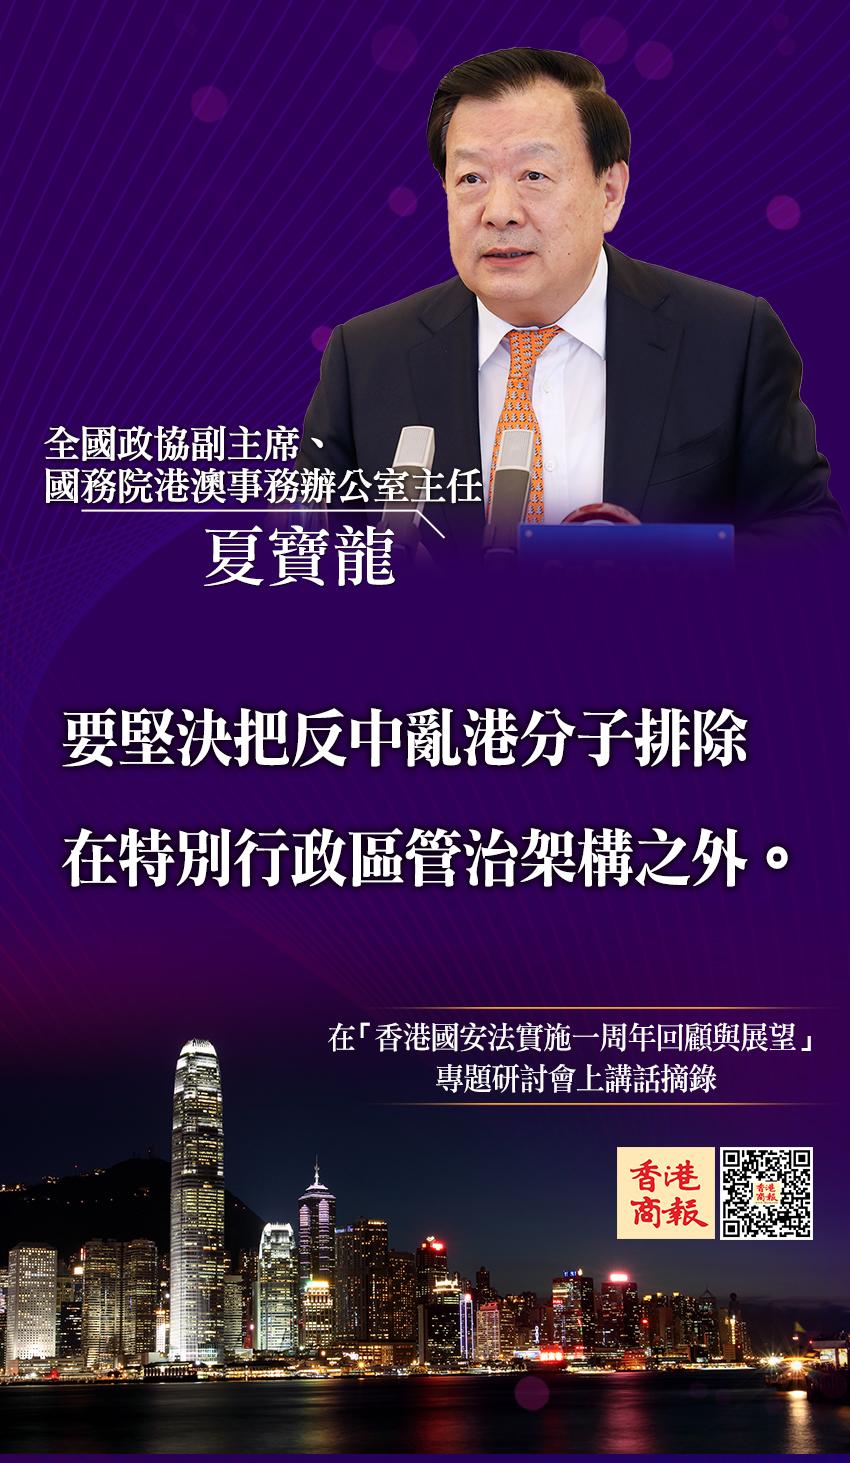 一圖 夏寶龍:堅決把反中亂港分子排除在管治架構之外